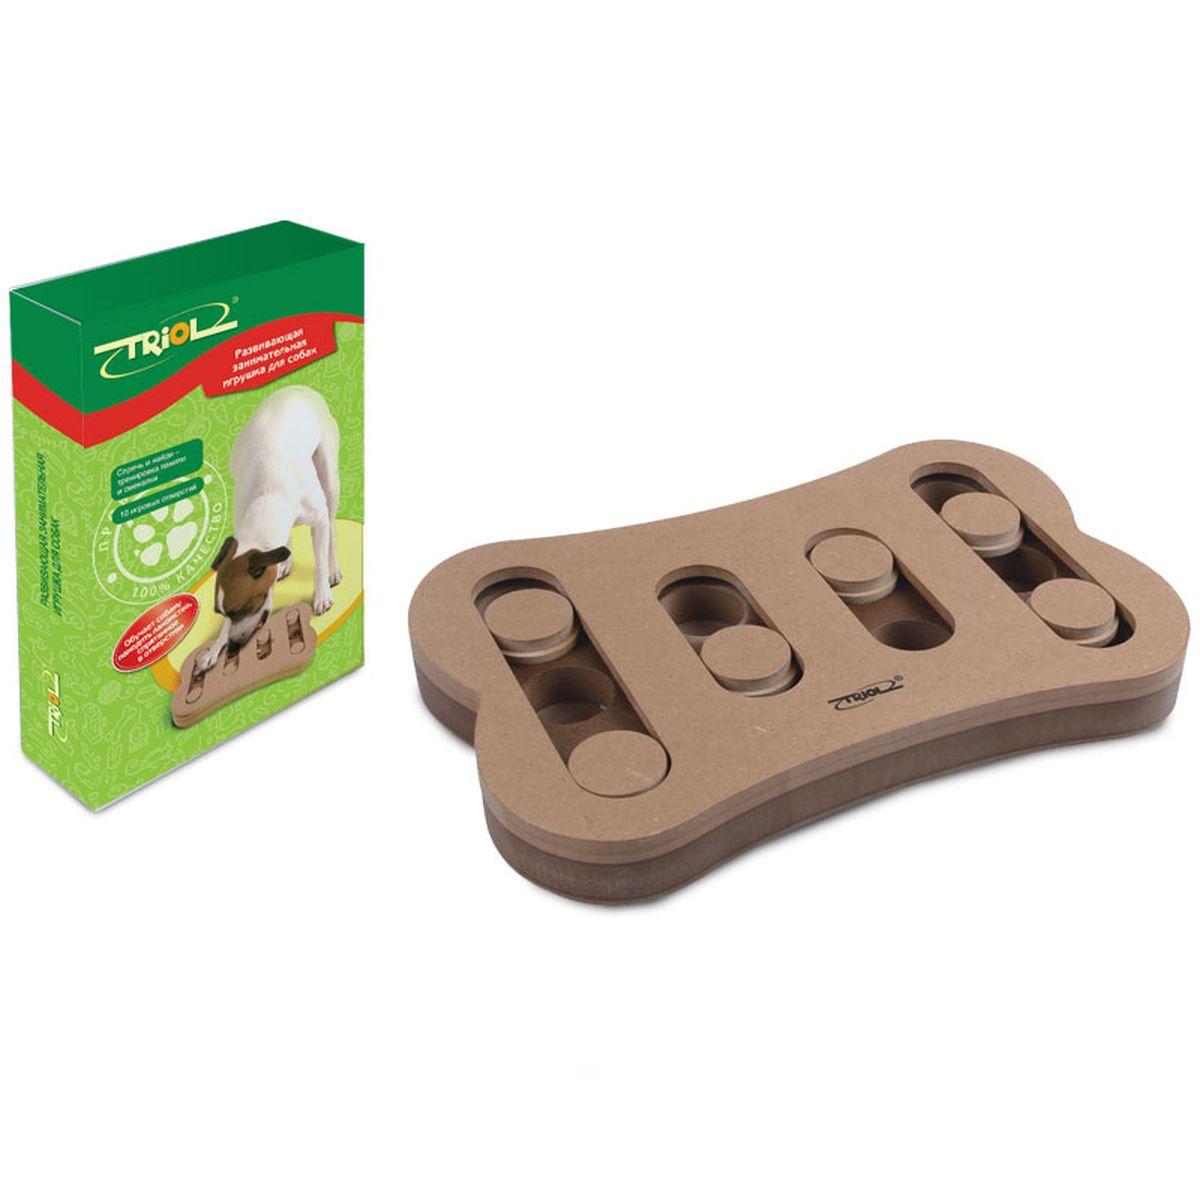 Игрушка для собак Triol, 29,5 х 19 х 3,4 см0120710Развивающие игрушки Triol™ не просто скрашивают досуг питомца и его владельца, они помогают в дрессировке, тренируют память и мышление домашних питомцев, да и просто украшают интерьер своим необычным видом. Практичная игрушка, наполняемая кормом, для щенков и собак, займет Вашего четвероногого друга на долгие часы. Вам достаточно лишь спрятать угощение в одной из лунок и накрыть их пятнашками. Используя лапы и нос, собака сама сможет определять, где именно спрятано лакомство, и доставать его оттуда.Игрушка Спрячь и найди предназначена для тренировки памяти и смекалки. На каждой стороне игрушки есть специальные отверстия, вкоторые можно положить кусочки лакомств, чтобы питомцам было гораздо интереснее выполнять задания. Развивающая игрушка-кормушка для собак Triol TT-02 стимулирует охотничьи навыки собаки, стимулируя ее к активному поиску обычного корма или лакомства.